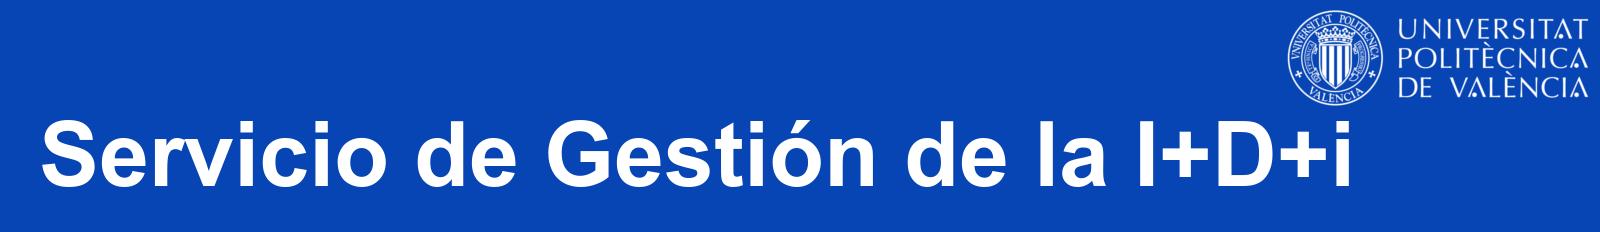 Servicio de Gestión de la I+D+i – Blog oficial